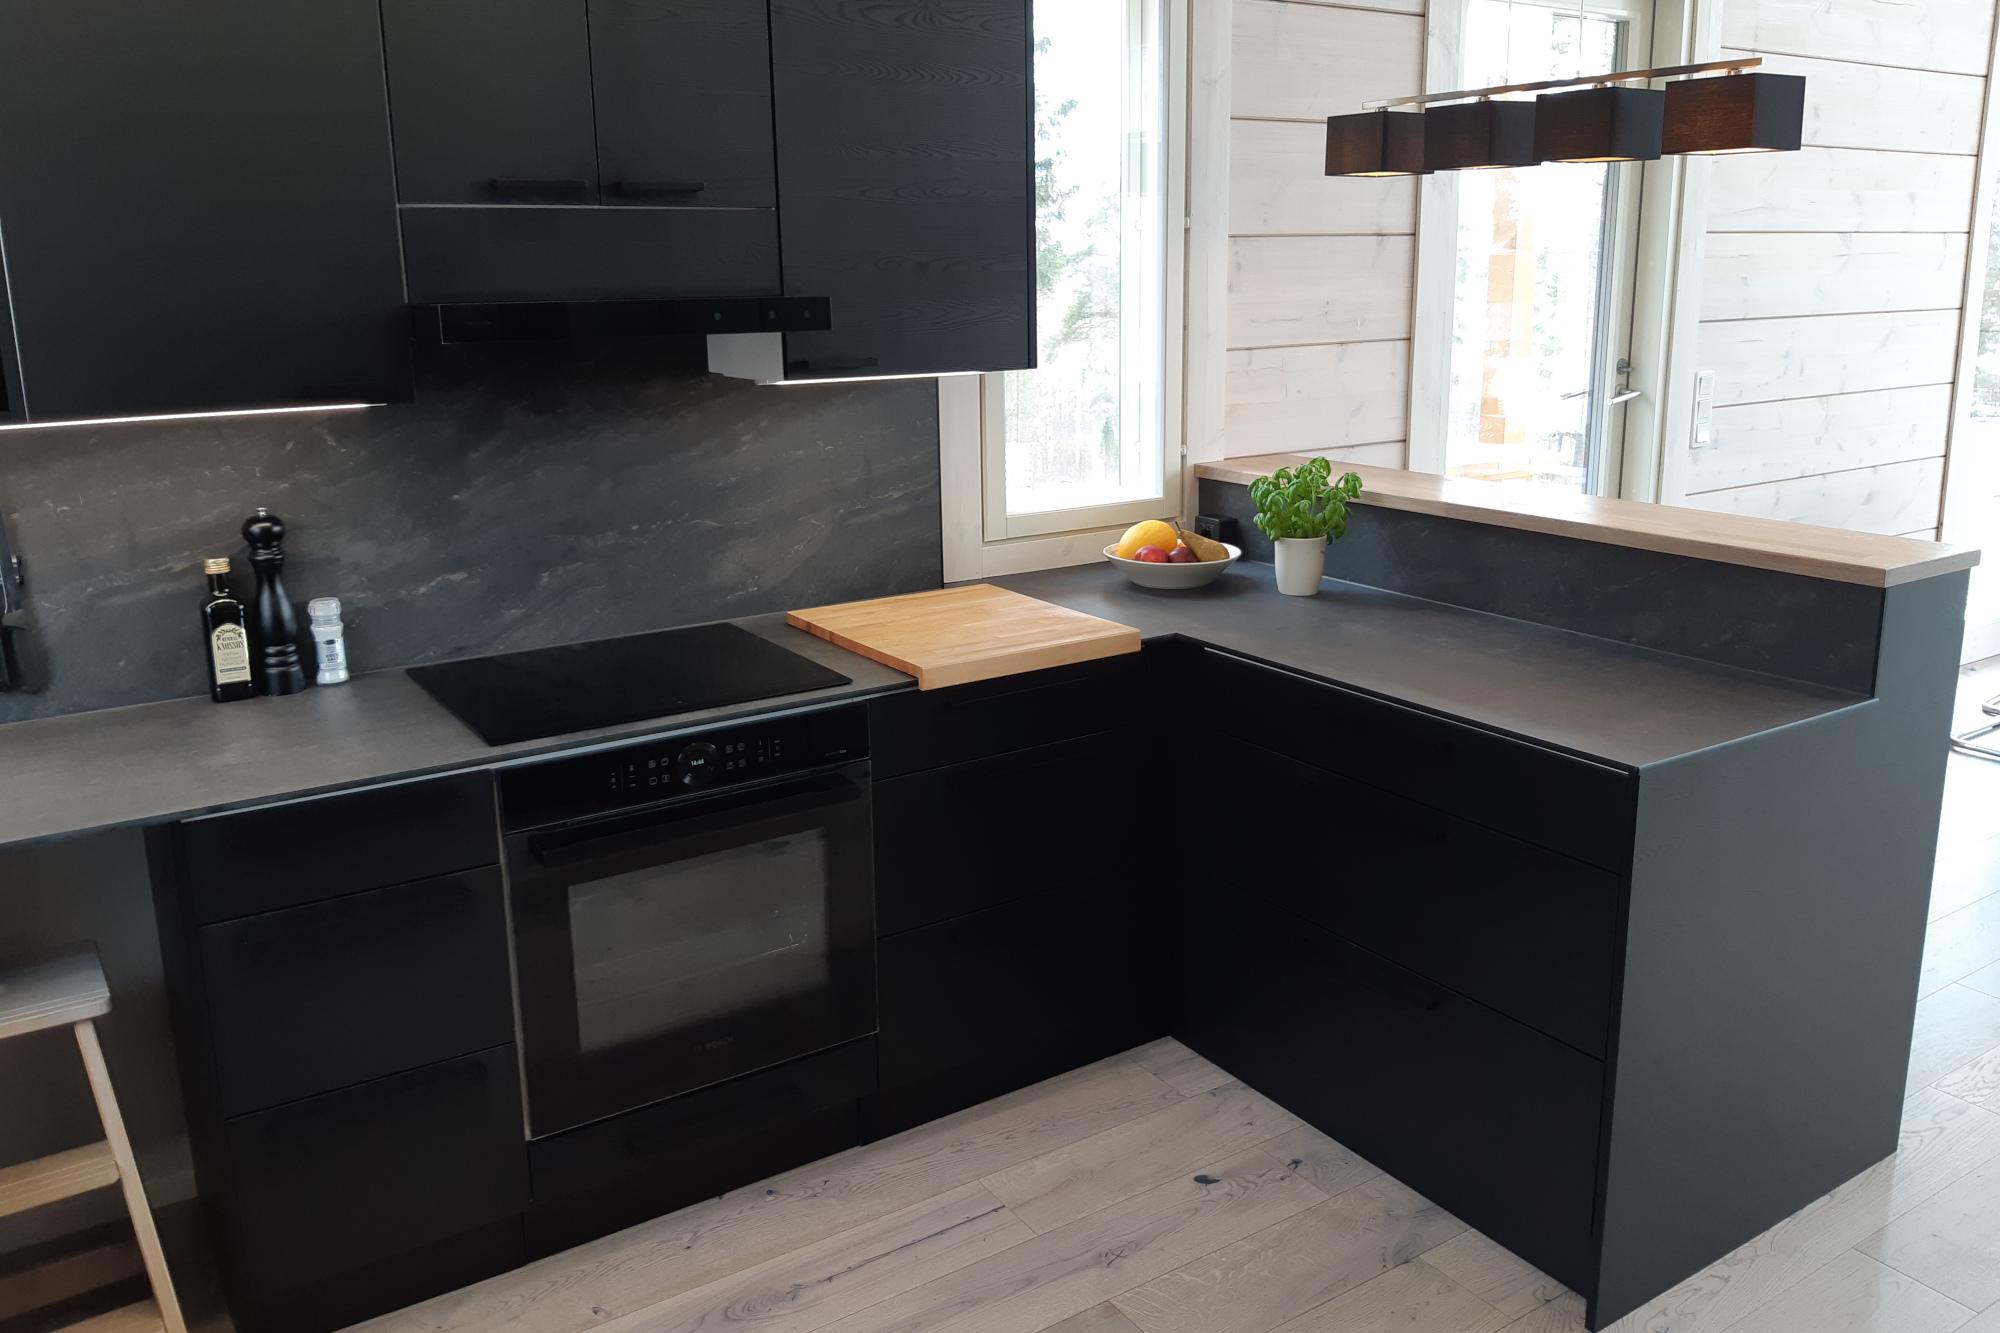 modernit keittiökalusteet savonlinna - mitta-keittiöt